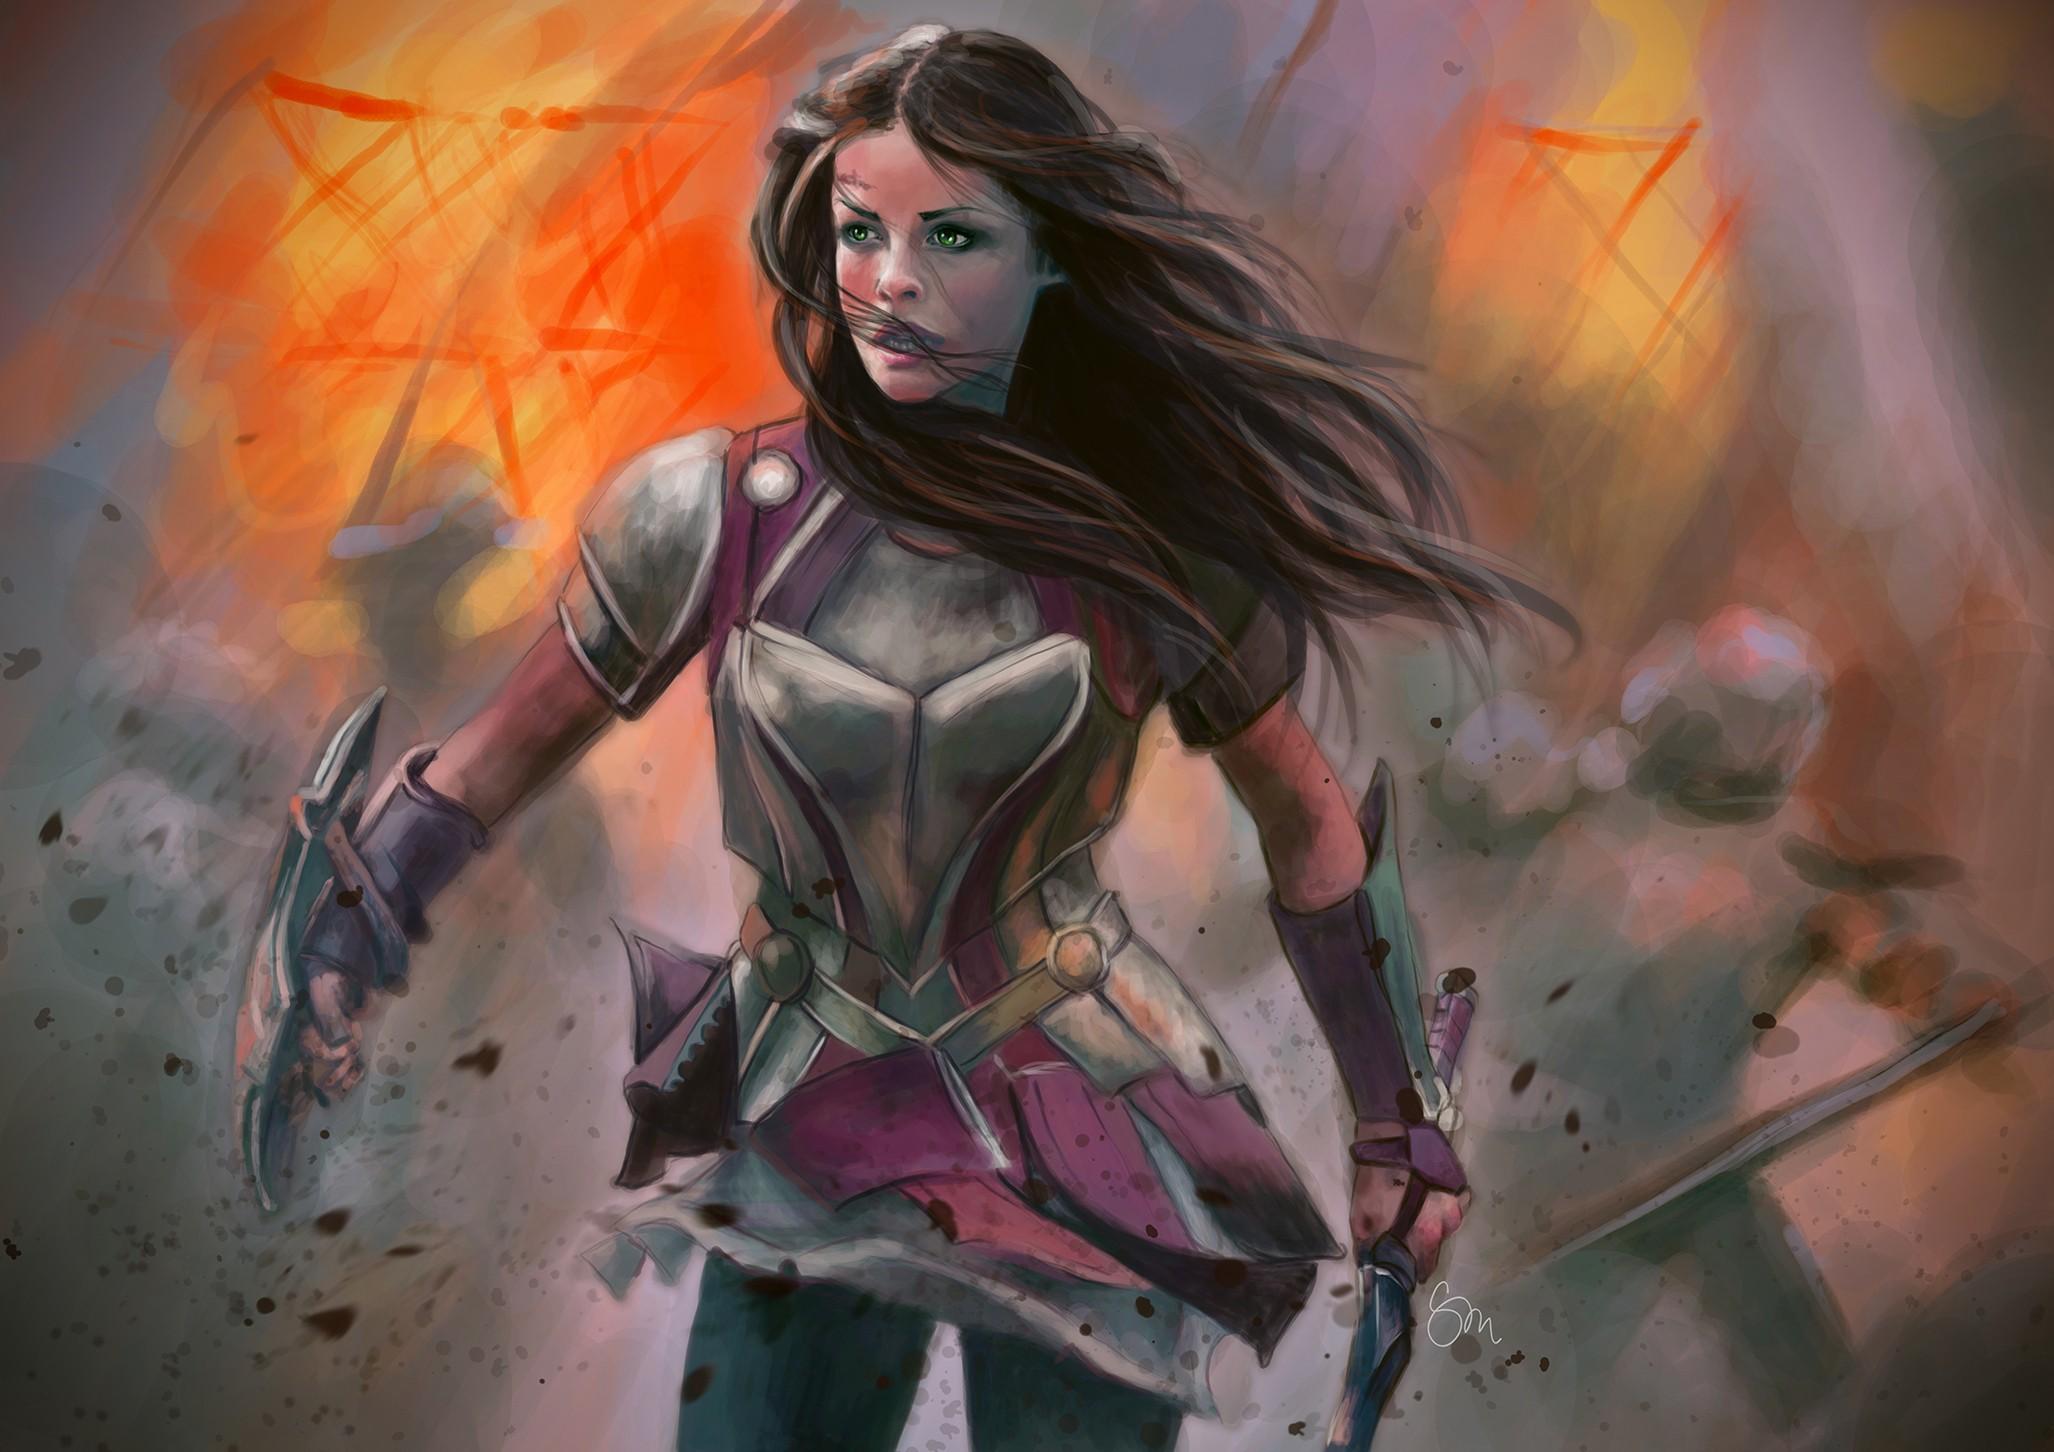 wallpaper : fantasy art, anime, brunette, artwork, armor, sword